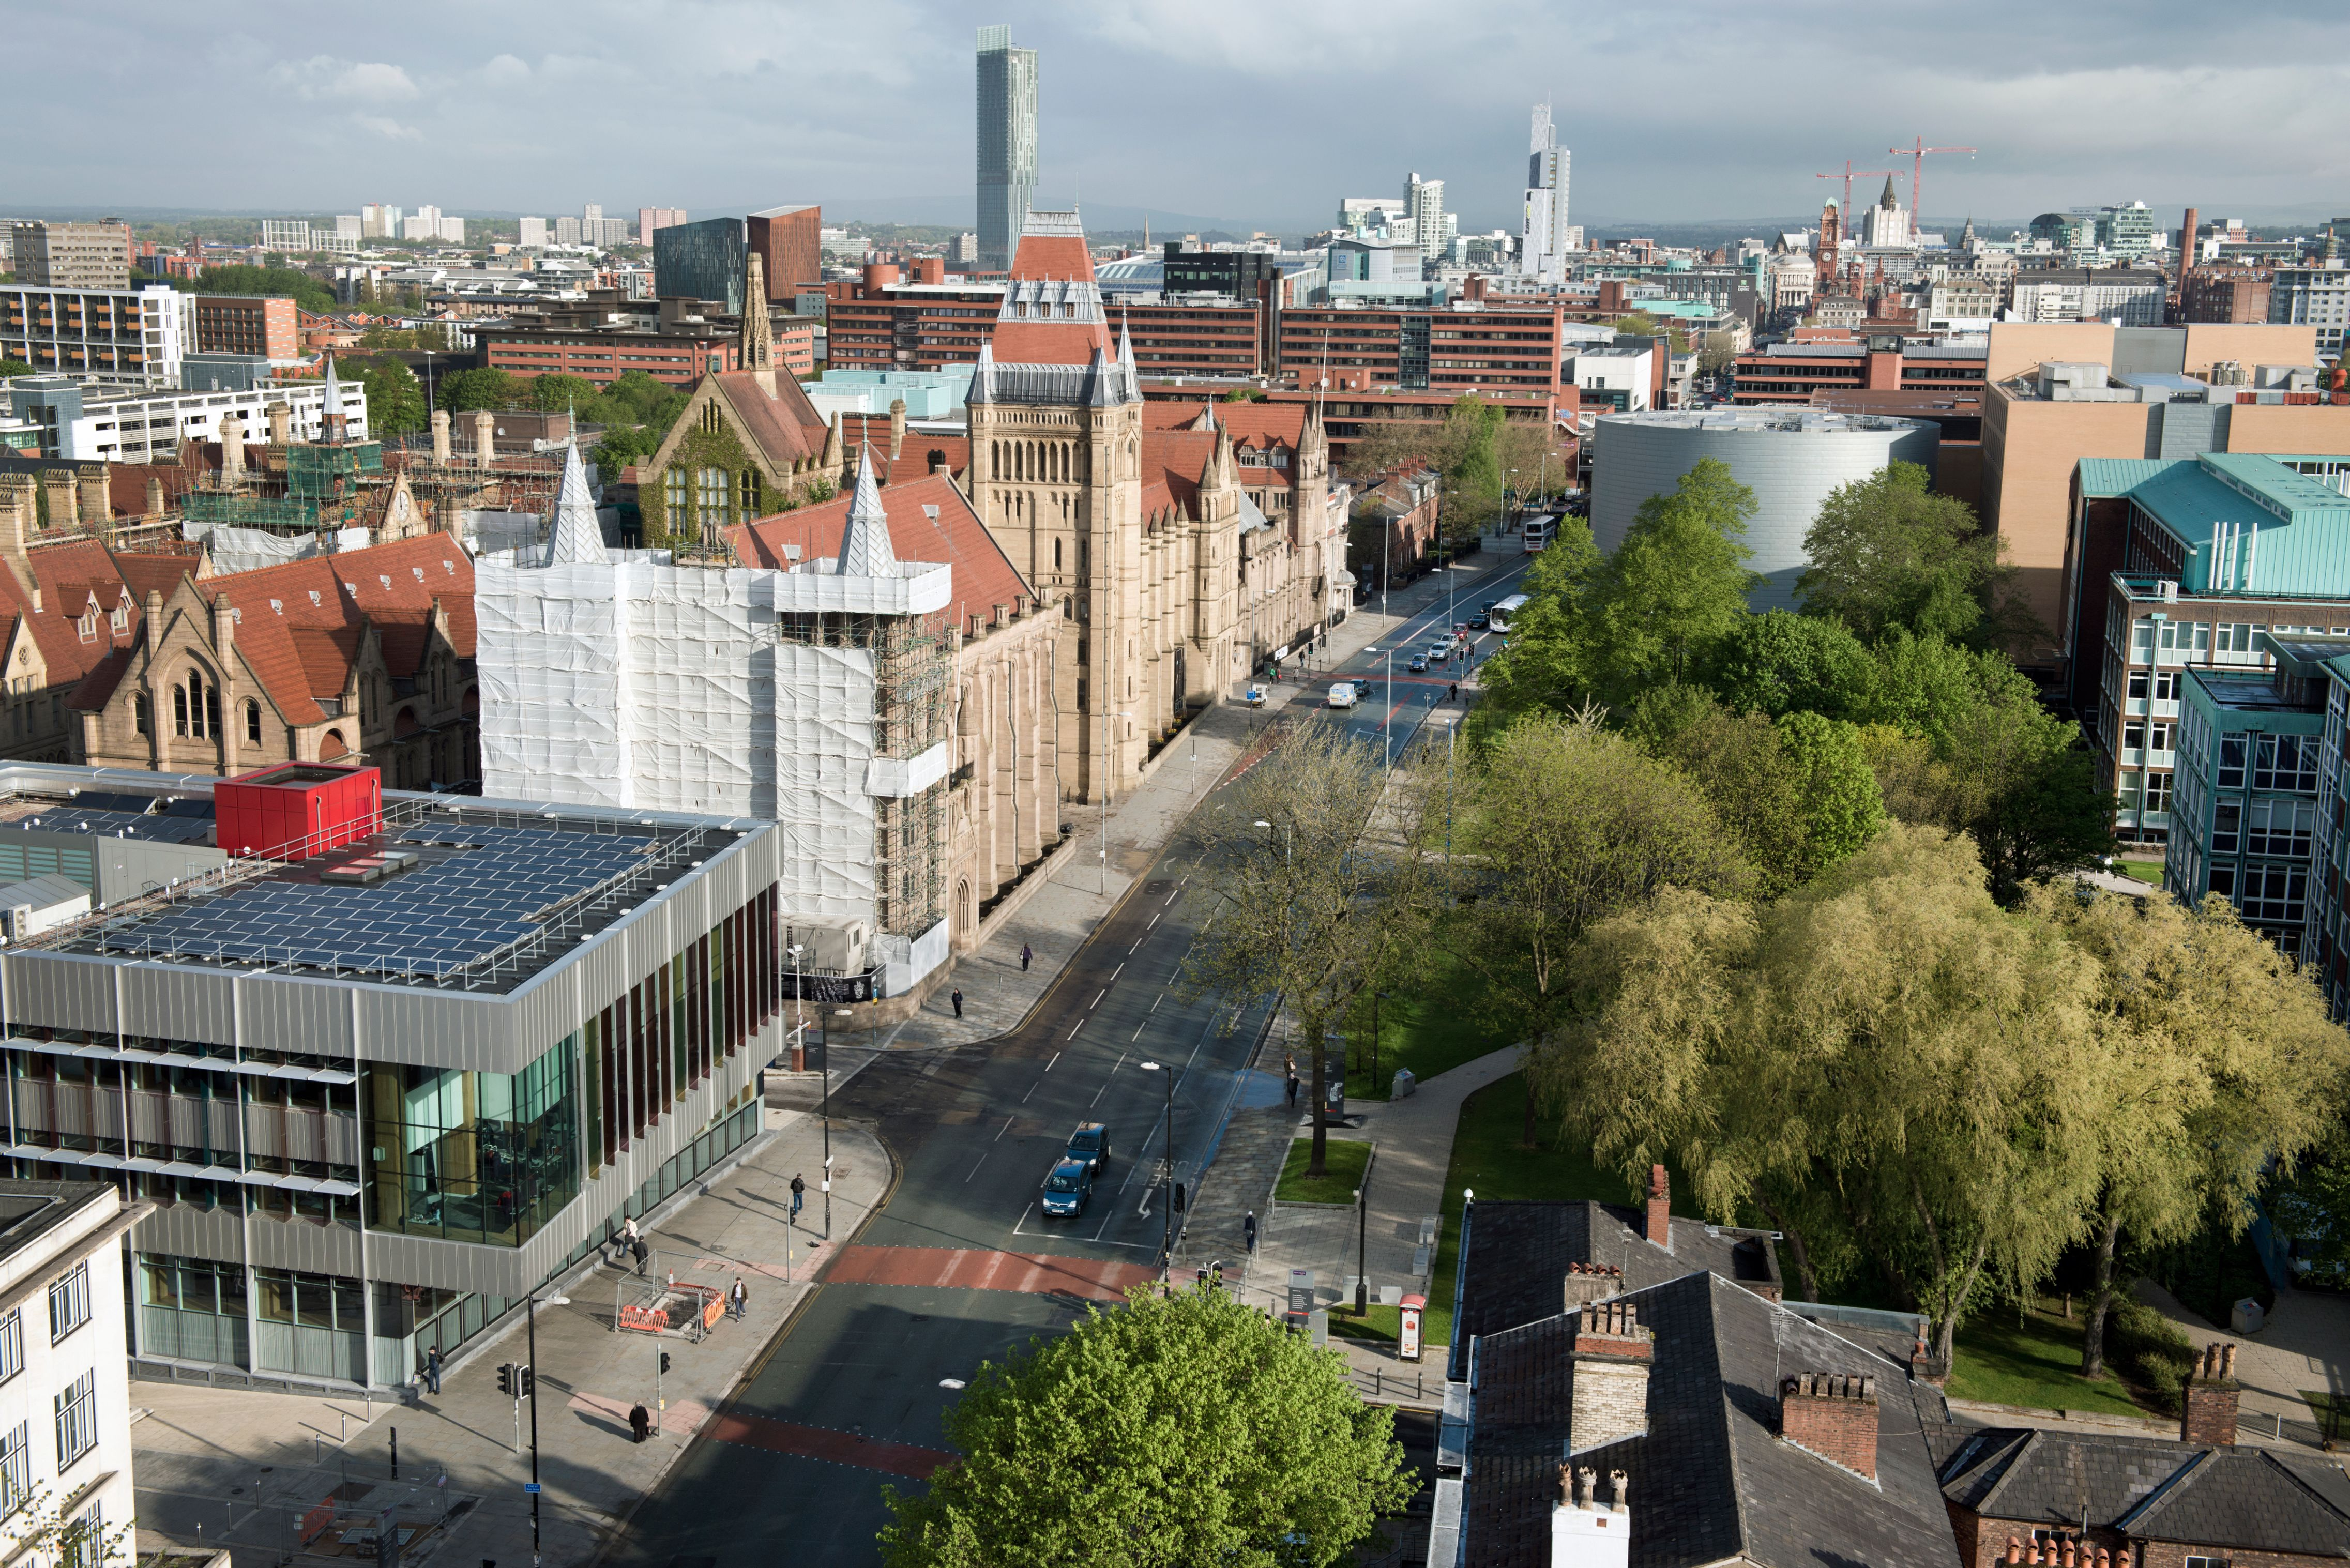 Panorama Foto von Manchester